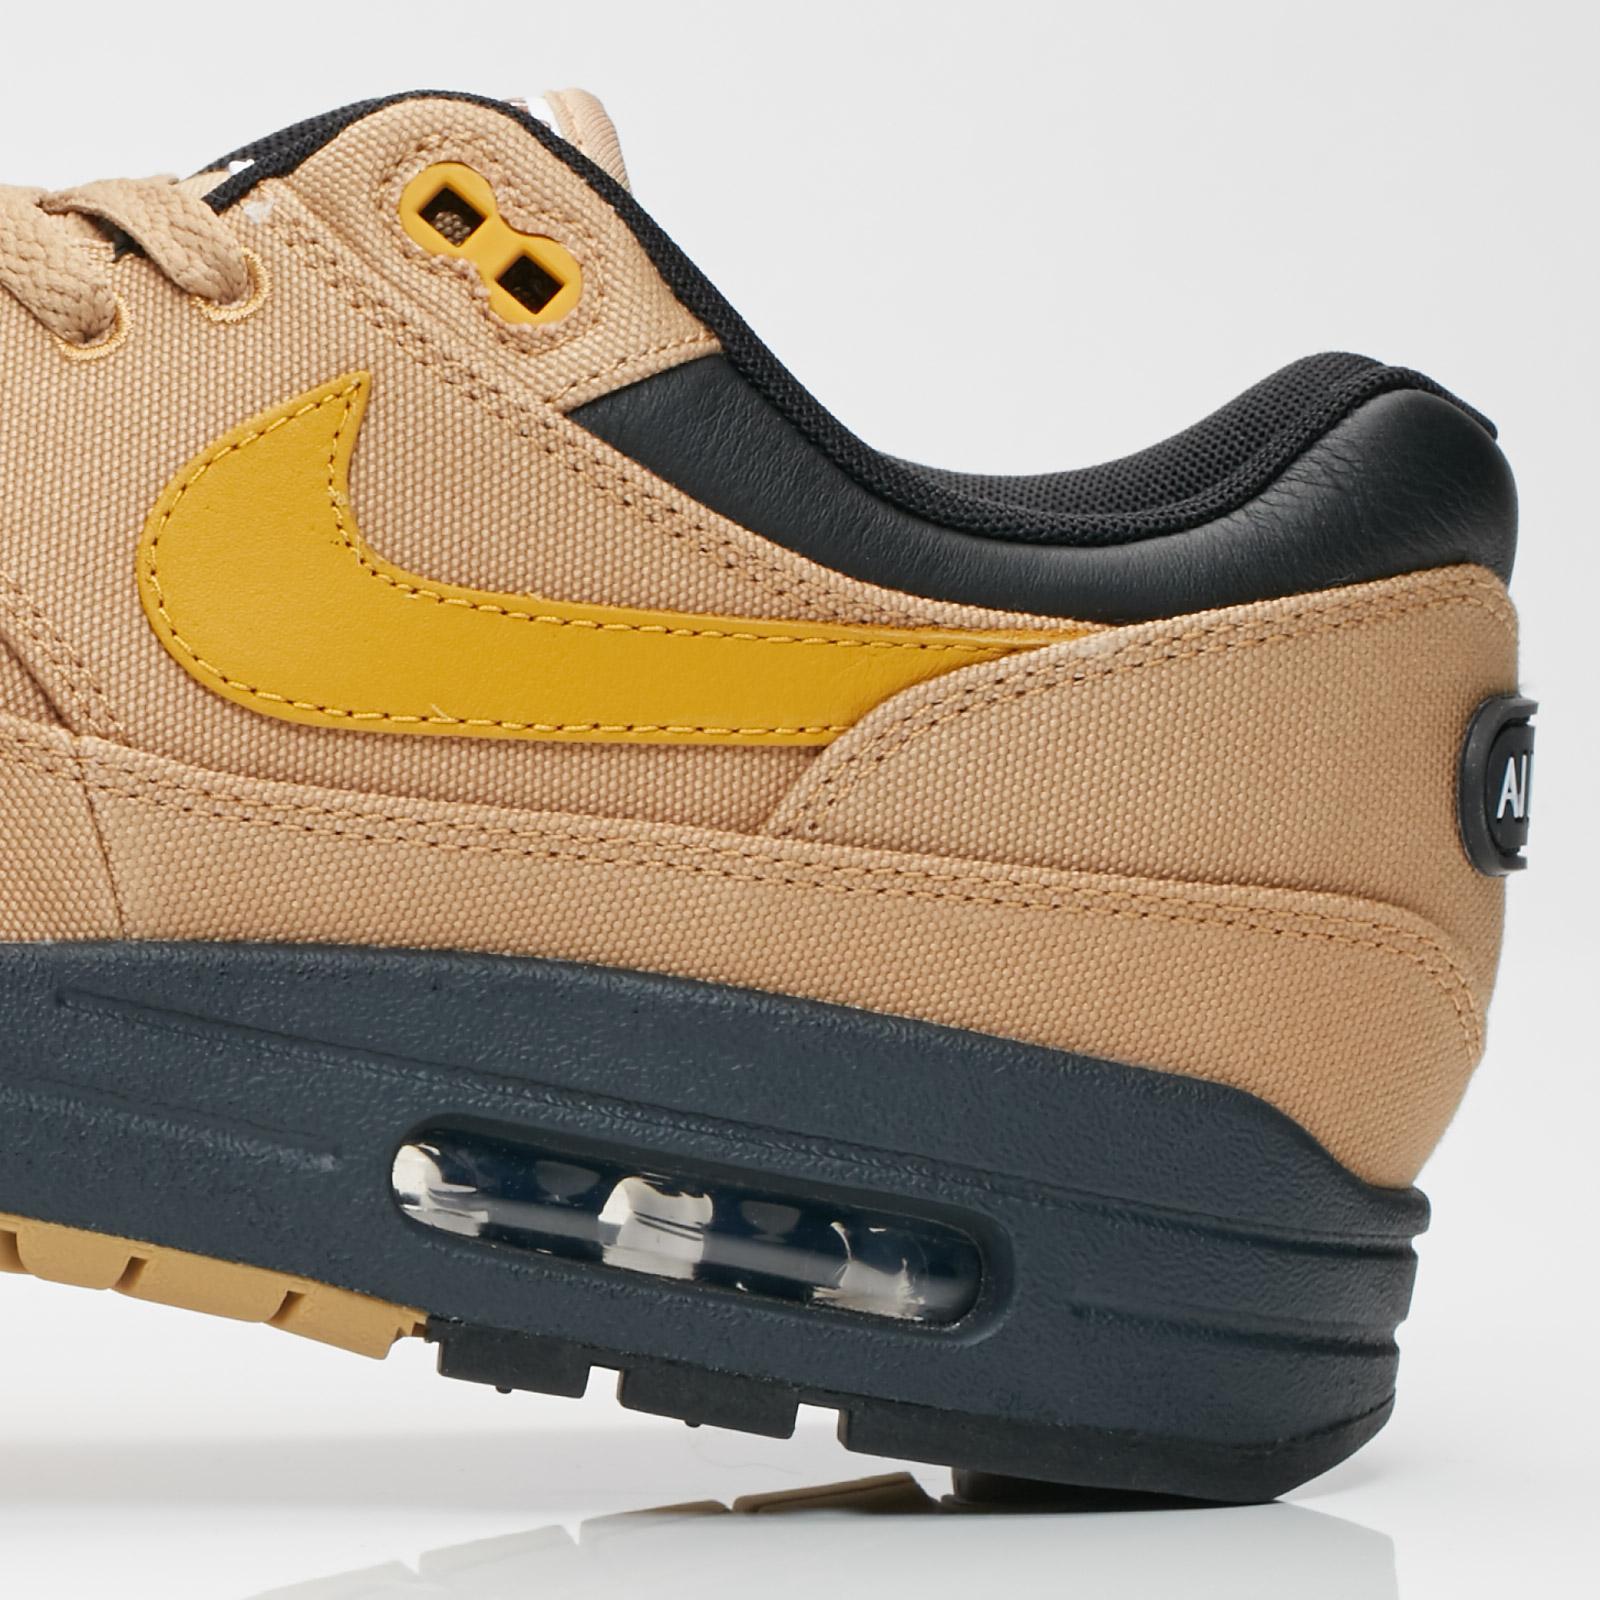 48383c9204 Nike Air Max 1 Premium - 875844-700 - Sneakersnstuff | sneakers ...